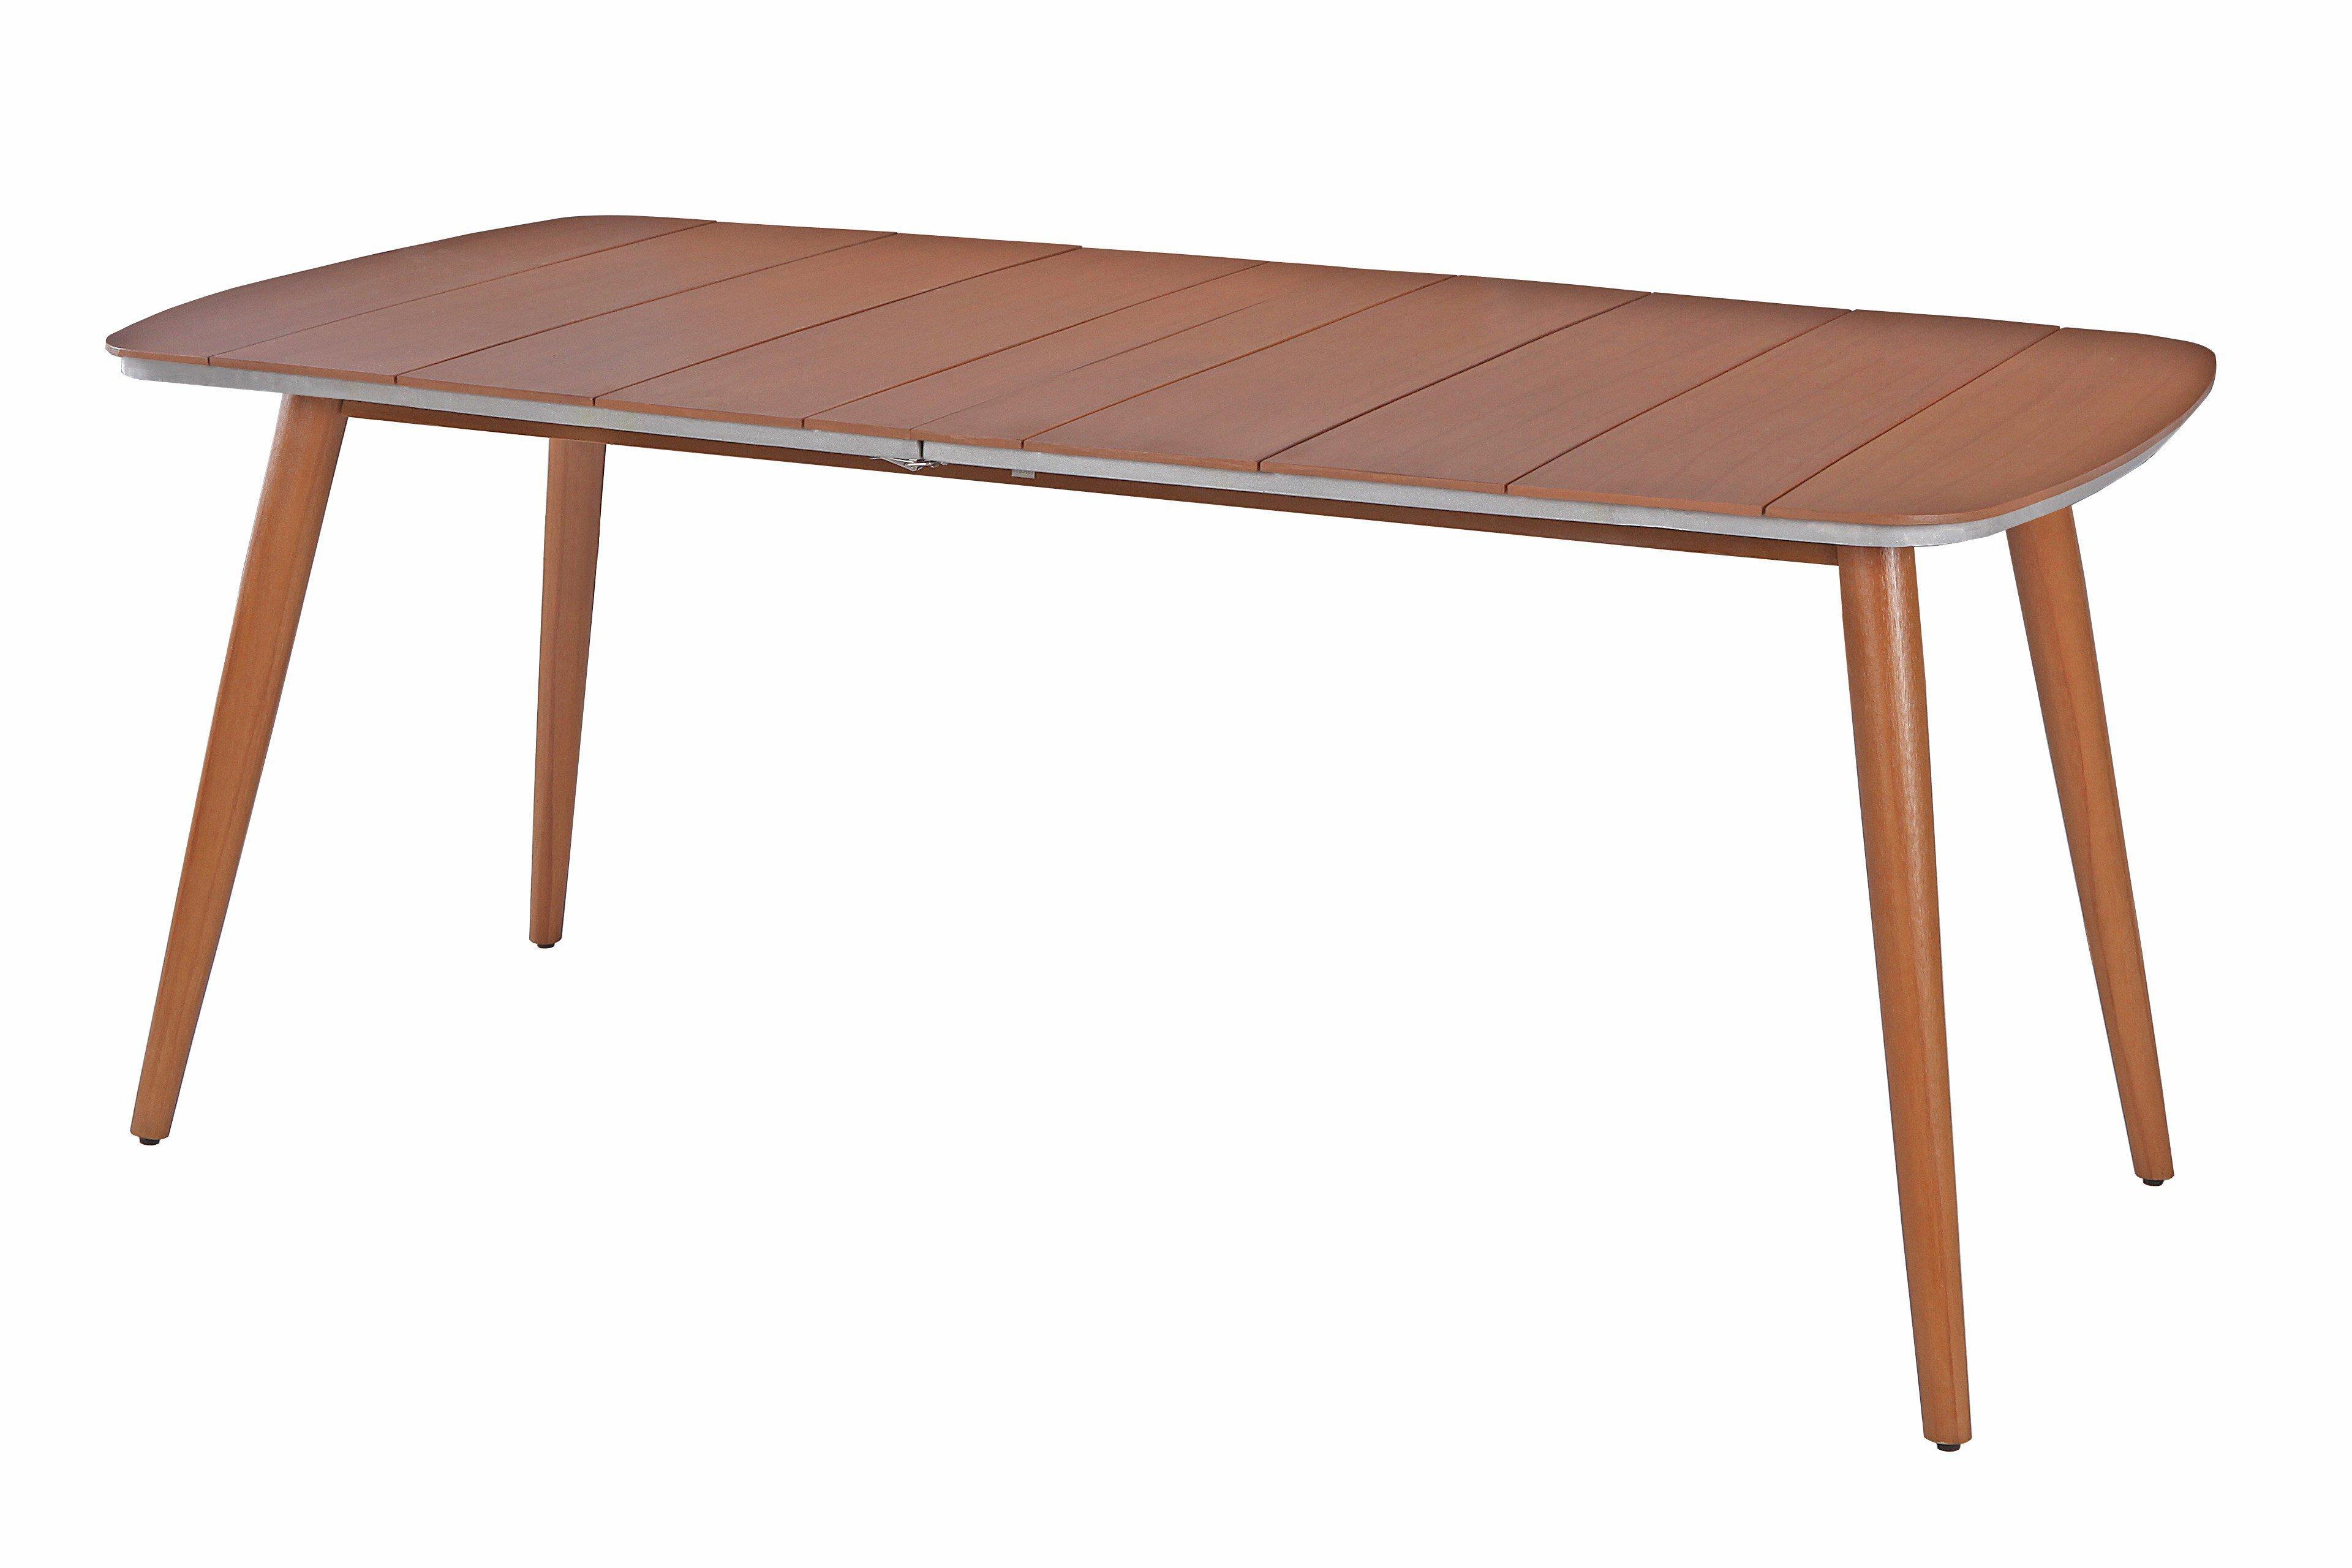 MBM Gartentisch ausziehbar | Möbel Letz - Ihr Online-Shop